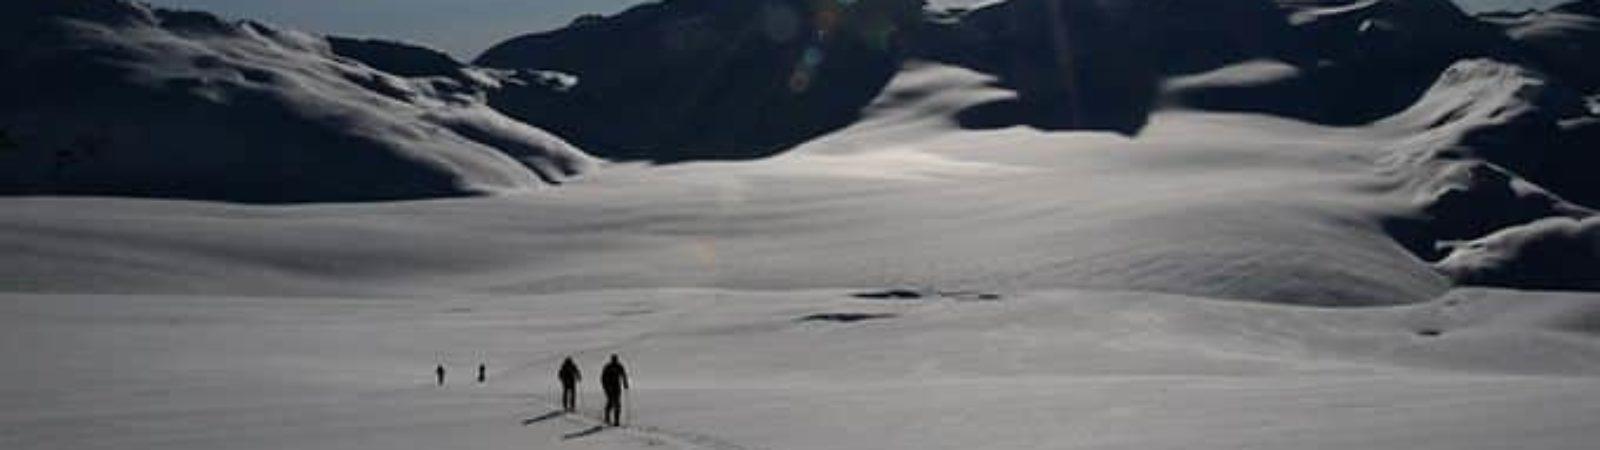 Haute Route, Chamonix – Zermatt, 8 Day Ski Tour